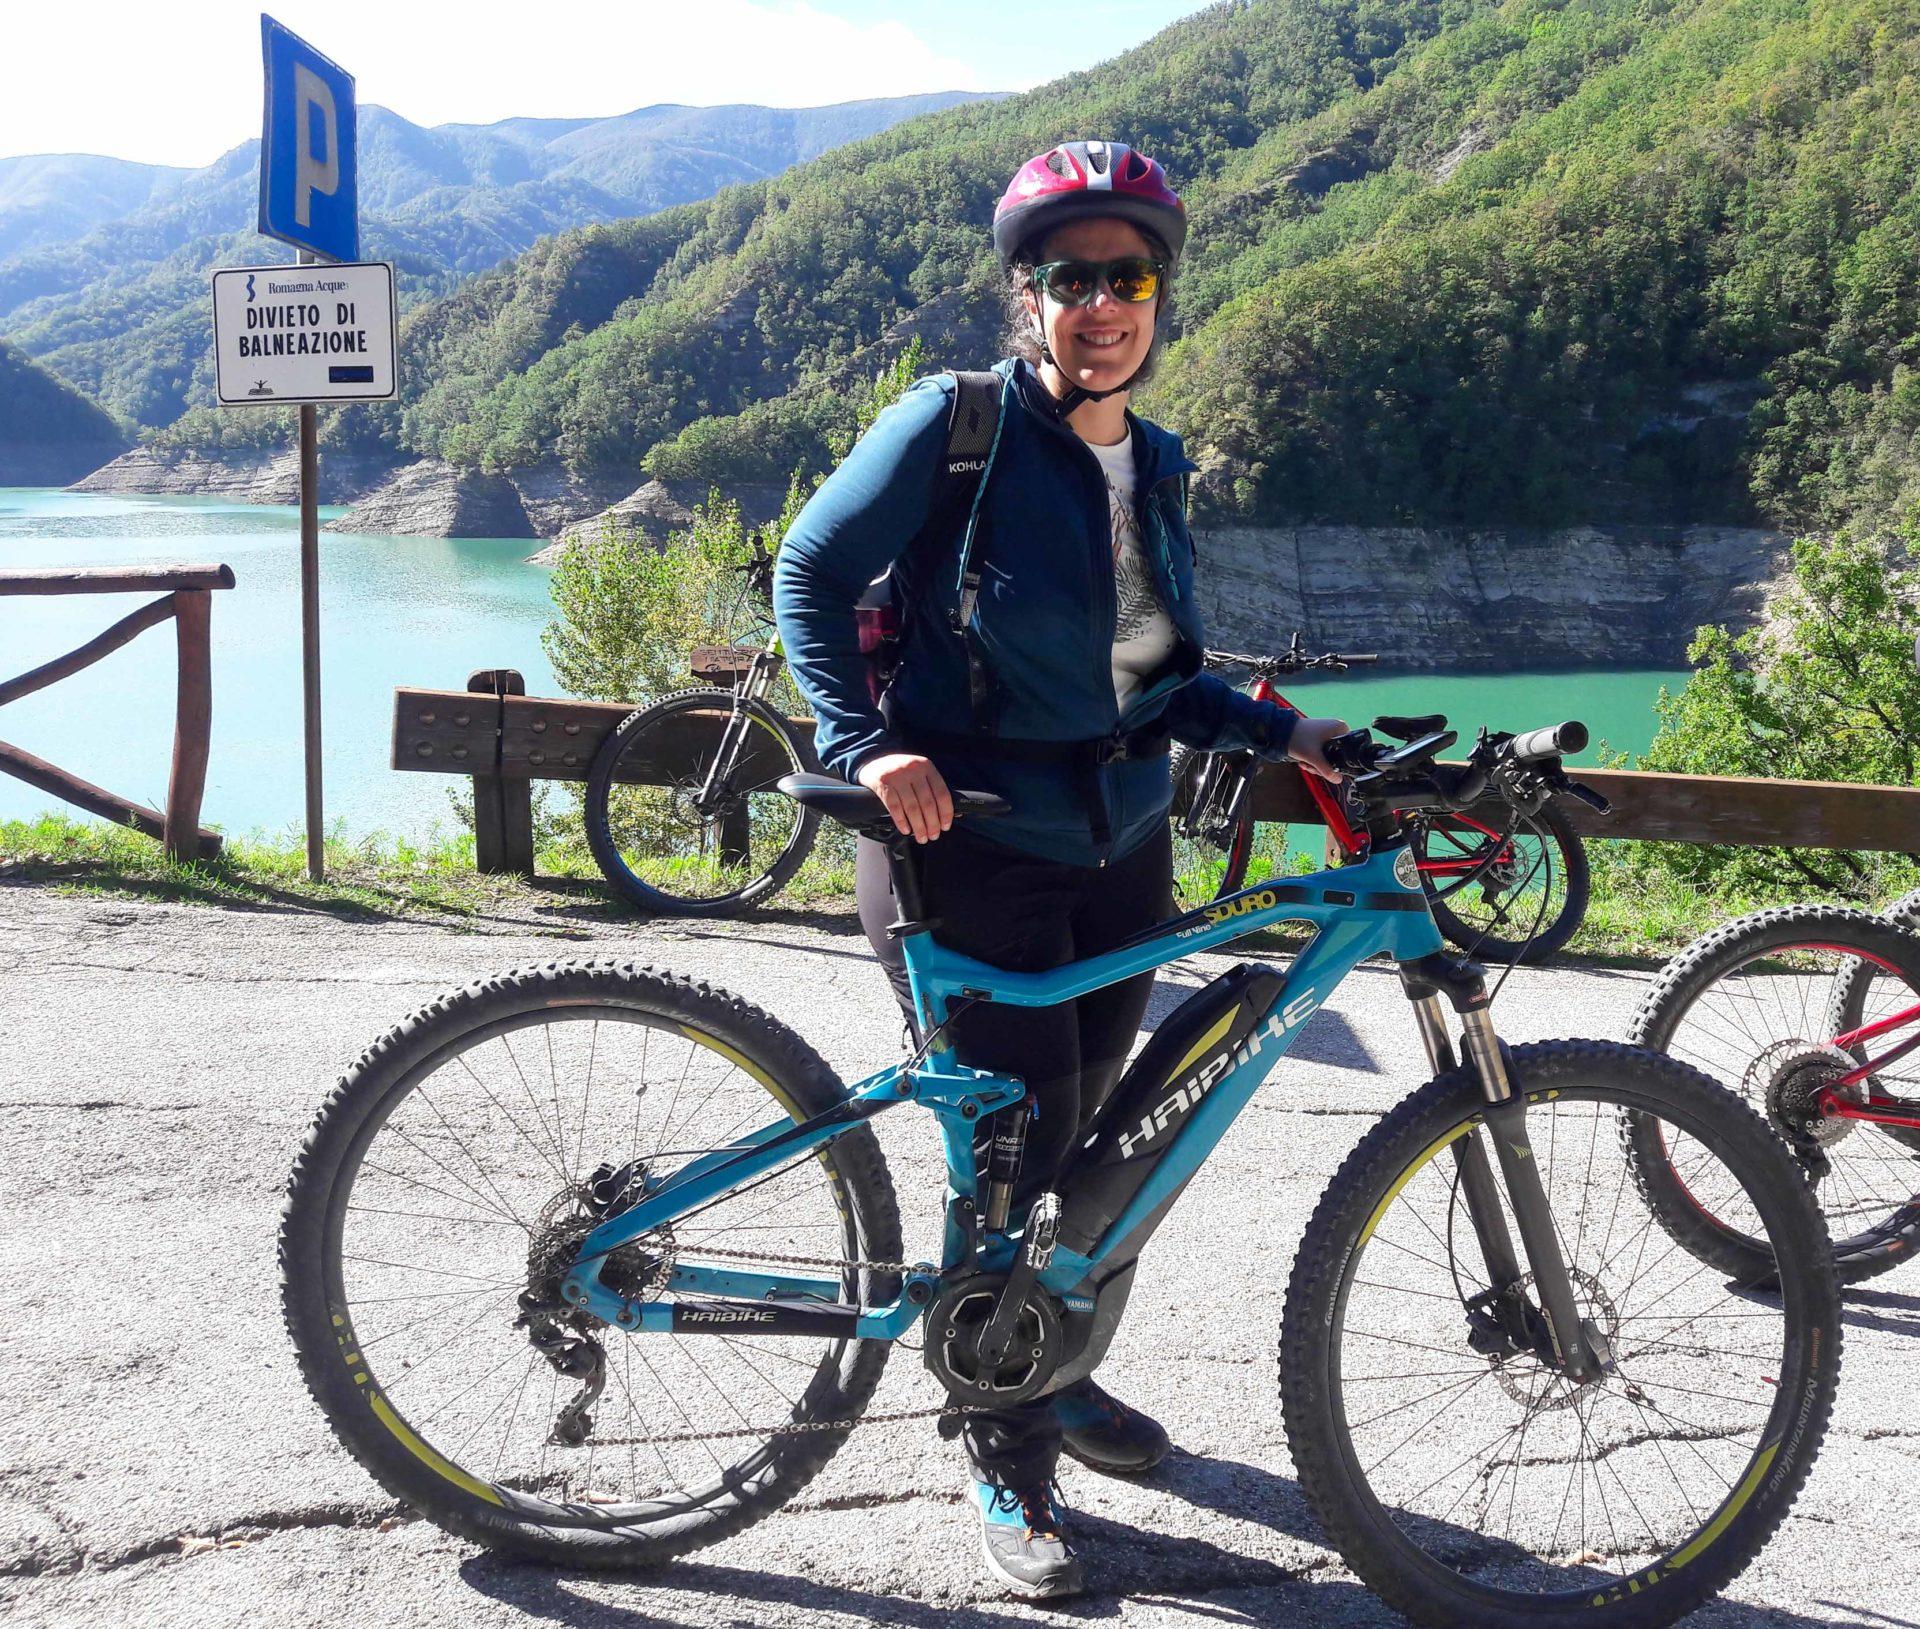 VTT électrique au barrage de Ridracoli - Un voyage nature en Emilie-Romagne, au coeur du Delta du Pô sur la côte Adriatique et du Parc national de la Forêt Casentinesi, Mont Falterona et Campigna dans les Apennins en Italie